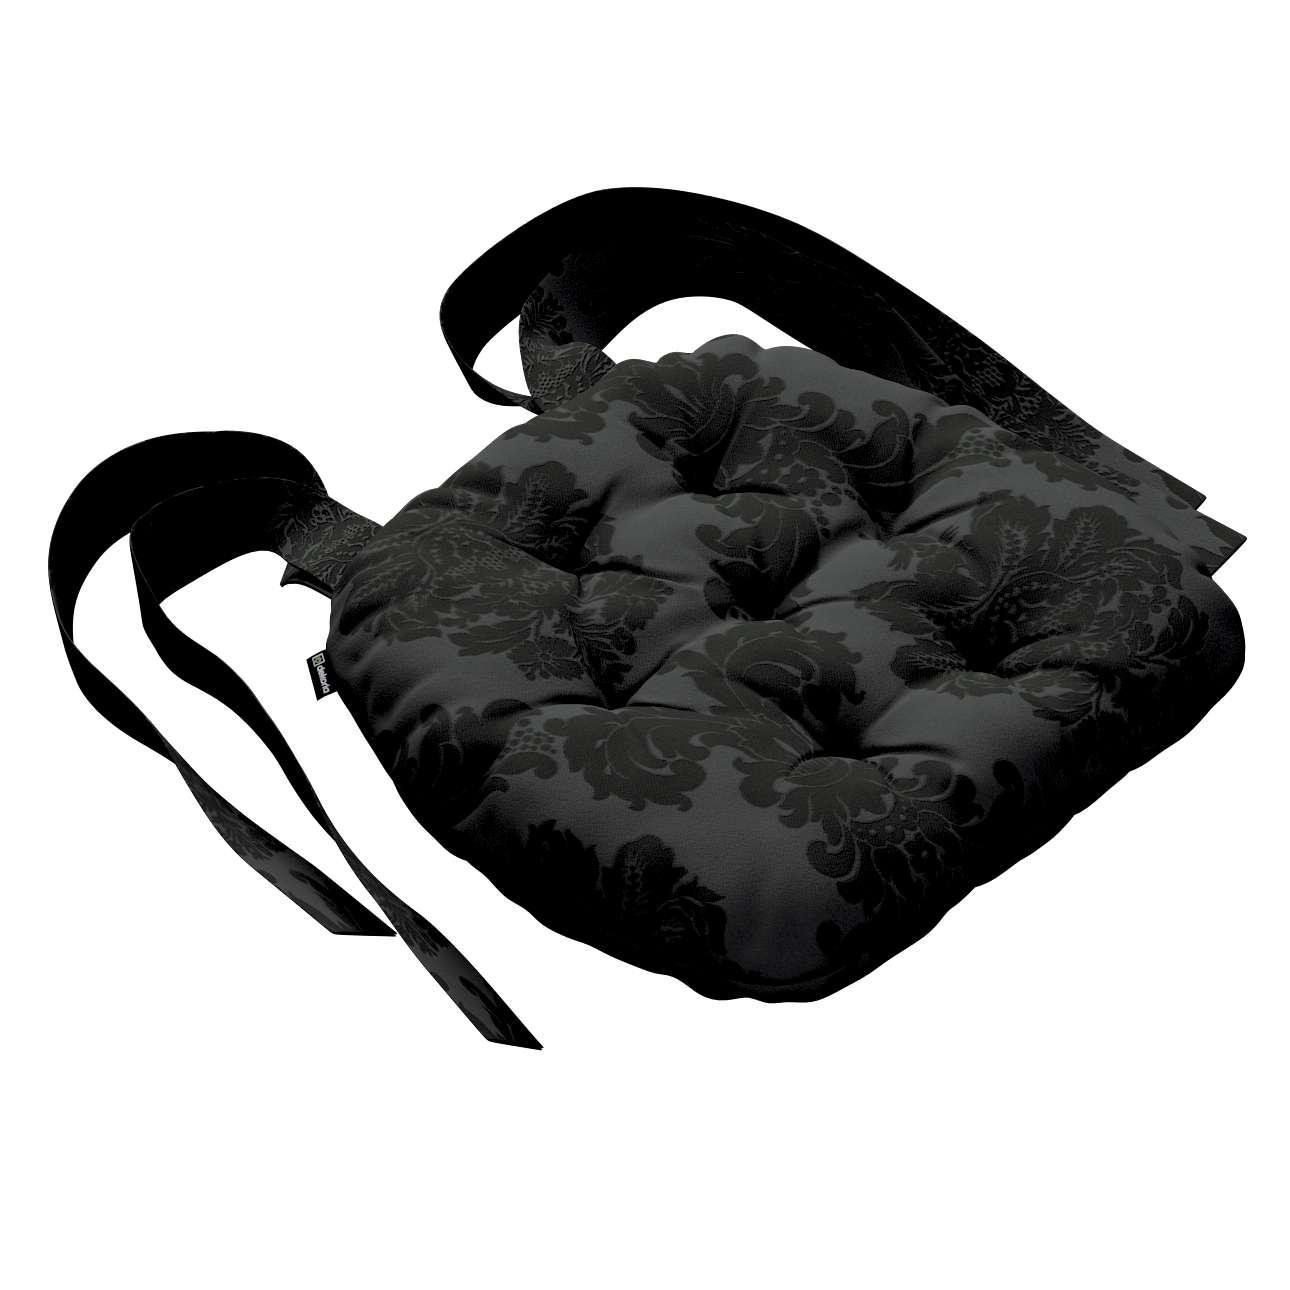 Siedzisko Marcin na krzesło 40x37x8cm w kolekcji Damasco, tkanina: 613-32